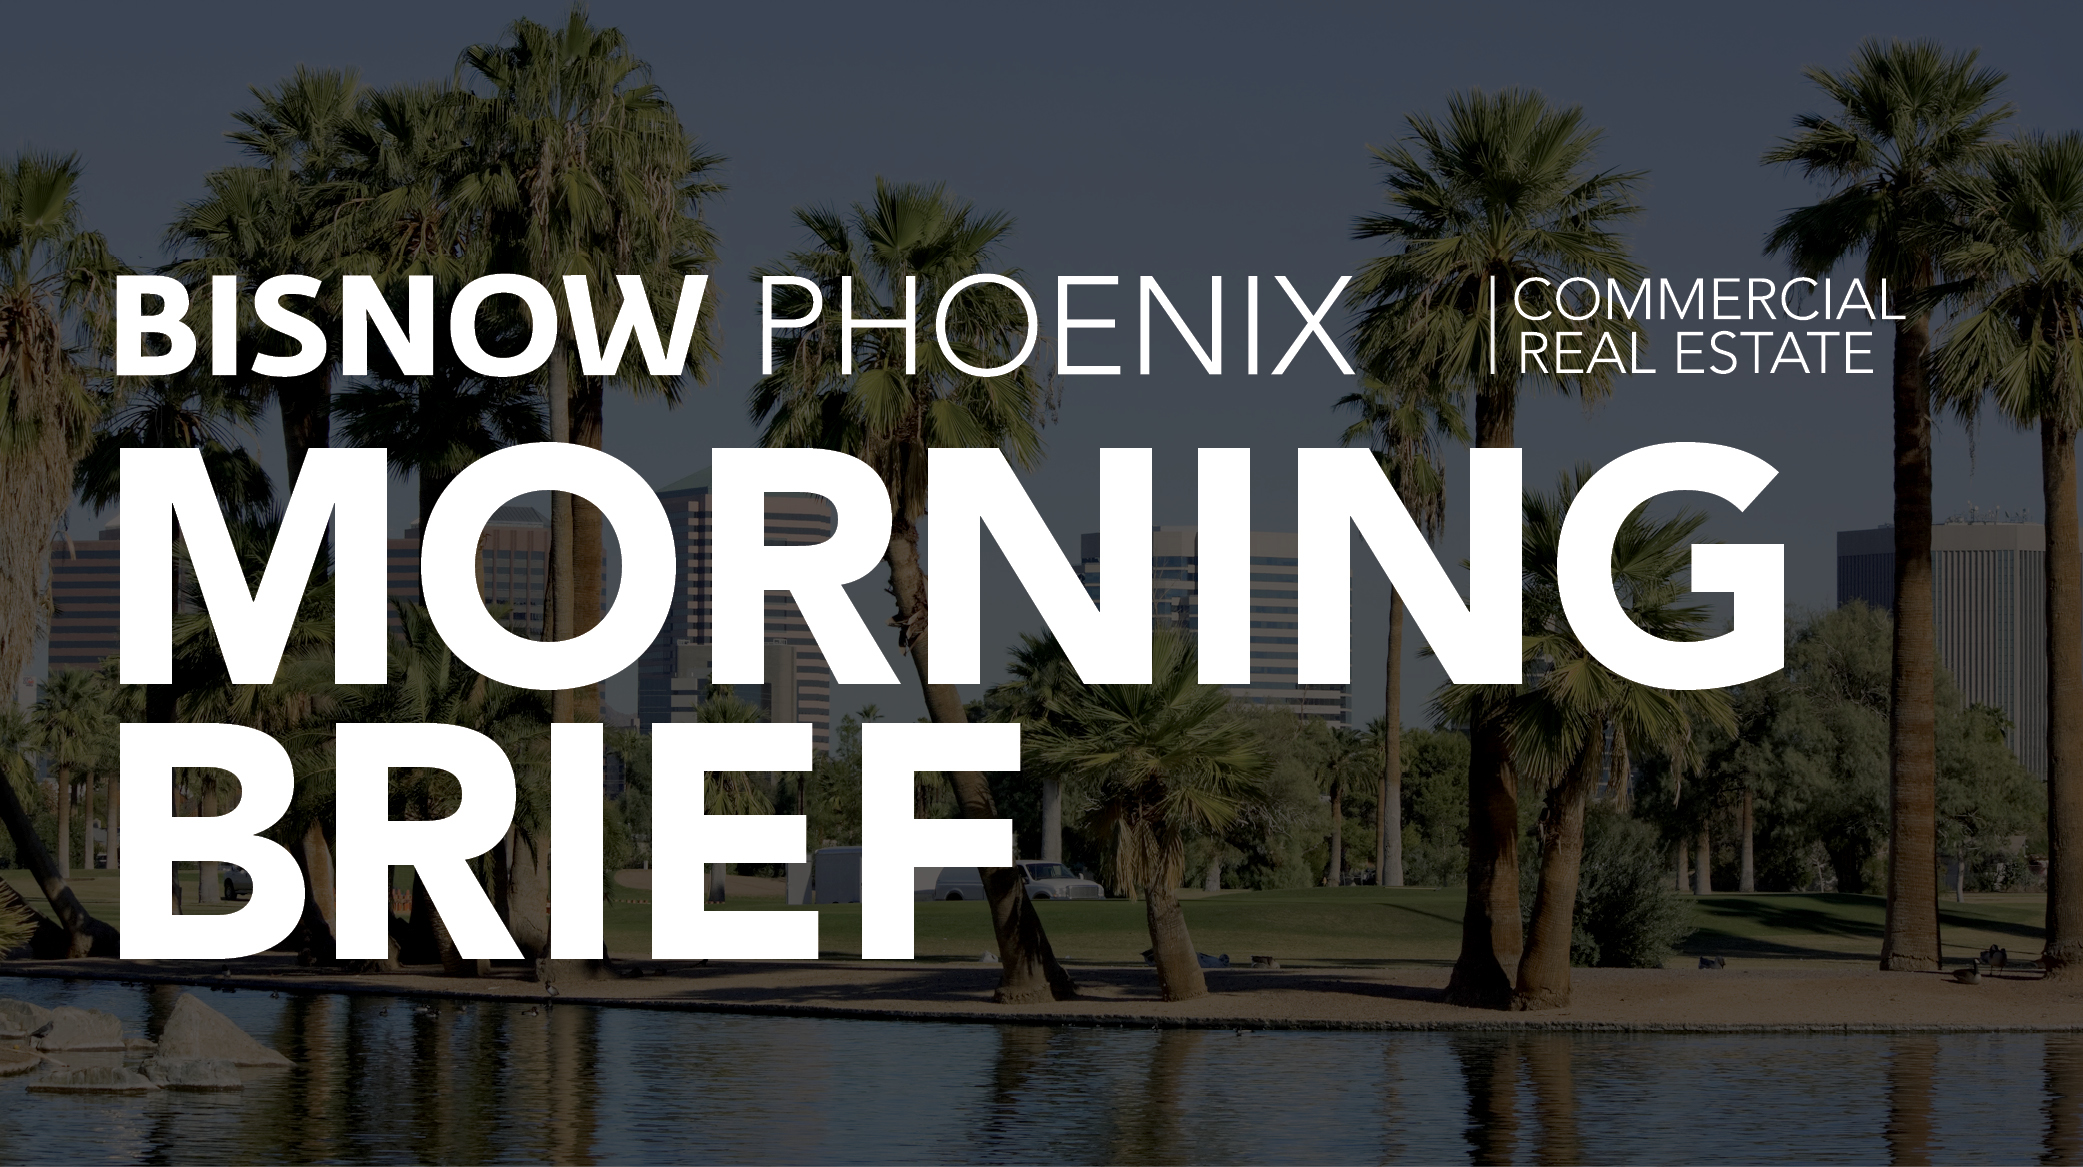 Bisnow Morning Brief Phoenix